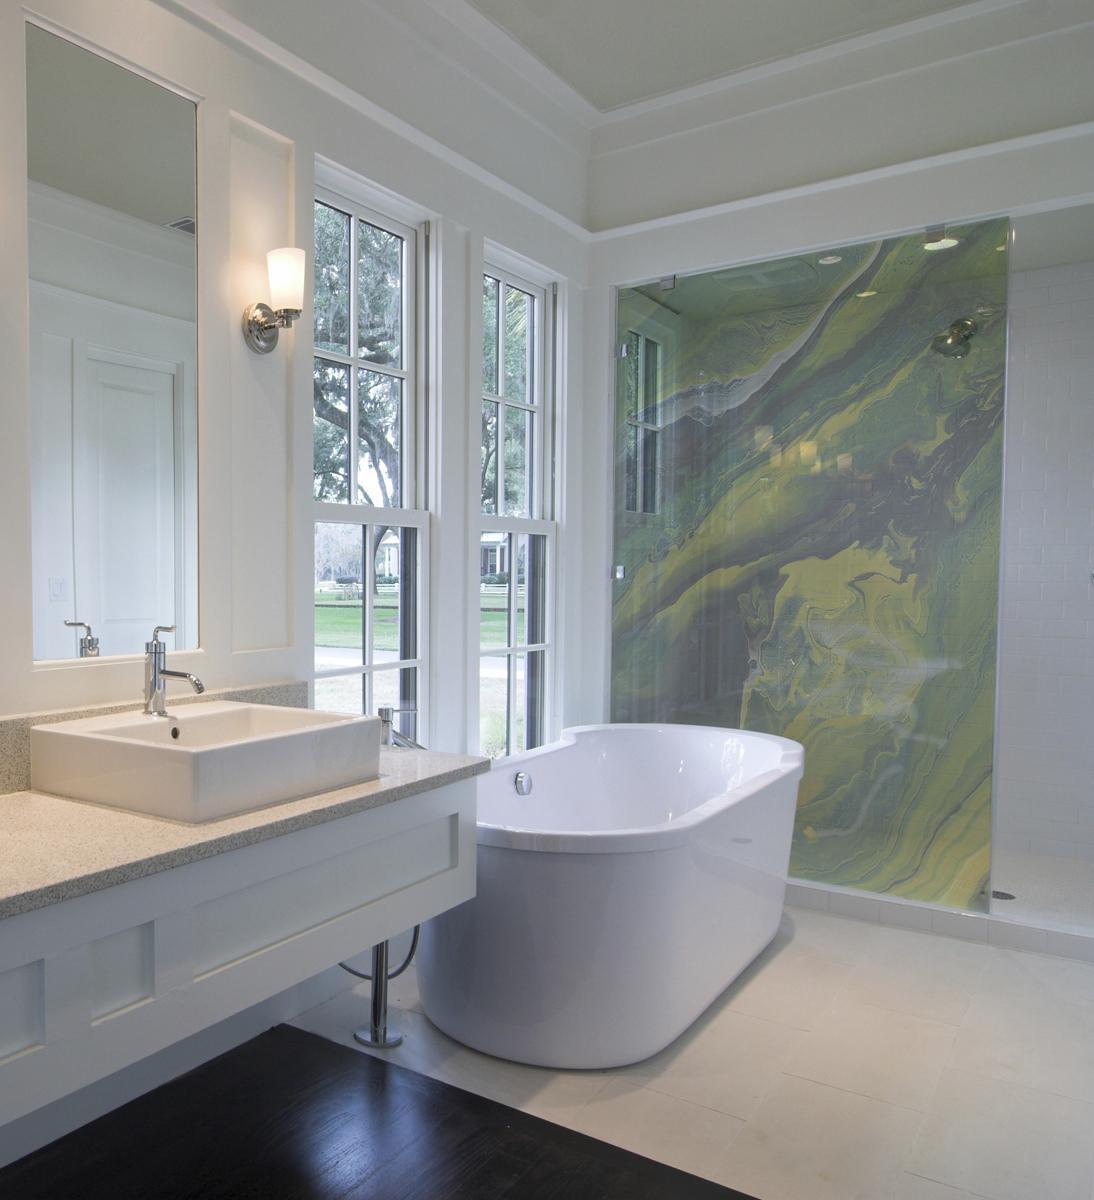 kreative wandgestaltung und einrichtungsideen für moderne badezimmer mit fenstern